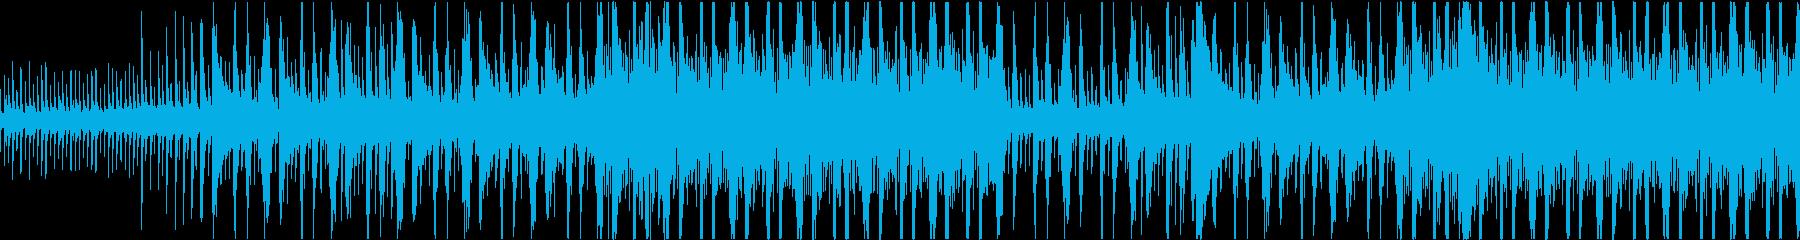 機械的で不気味なテクスチャー(ループ)の再生済みの波形